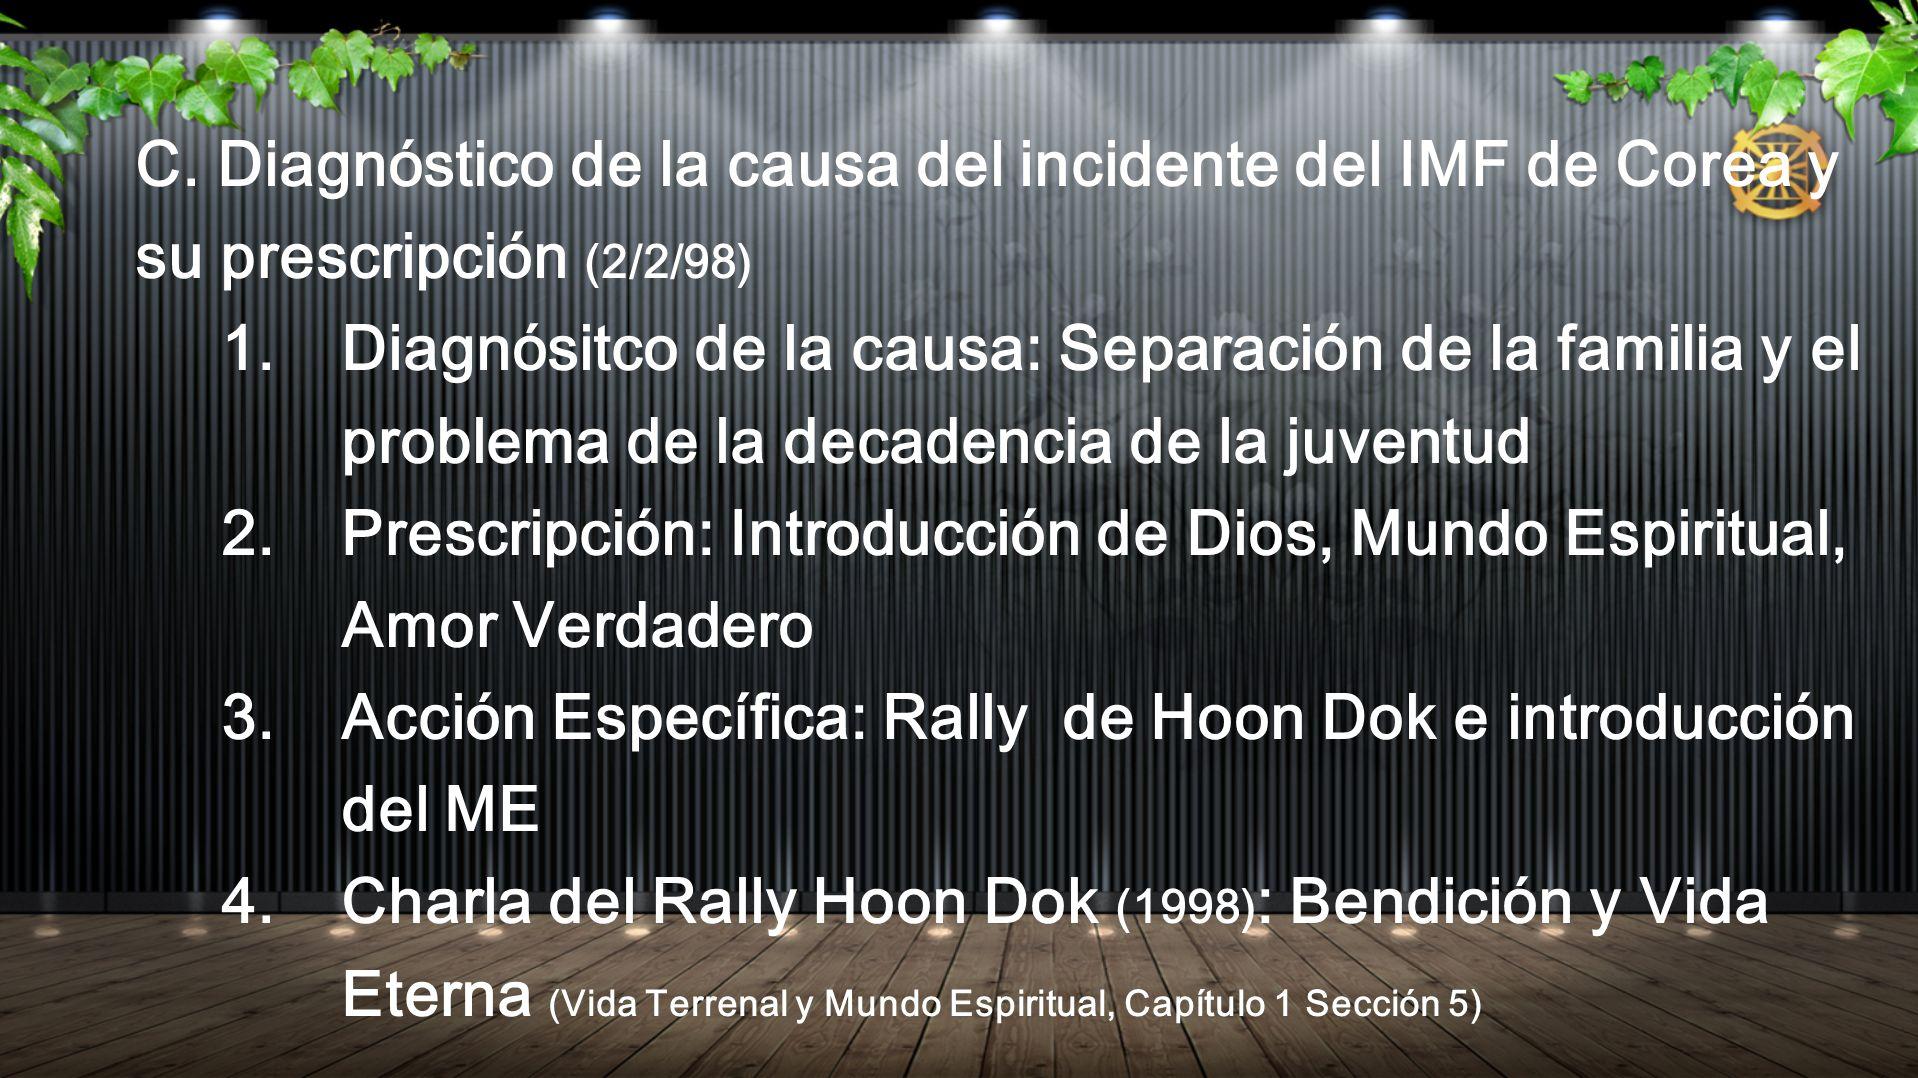 C. Diagnóstico de la causa del incidente del IMF de Corea y su prescripción (2/2/98) 1. Diagnósitco de la causa: Separación de la familia y el problem